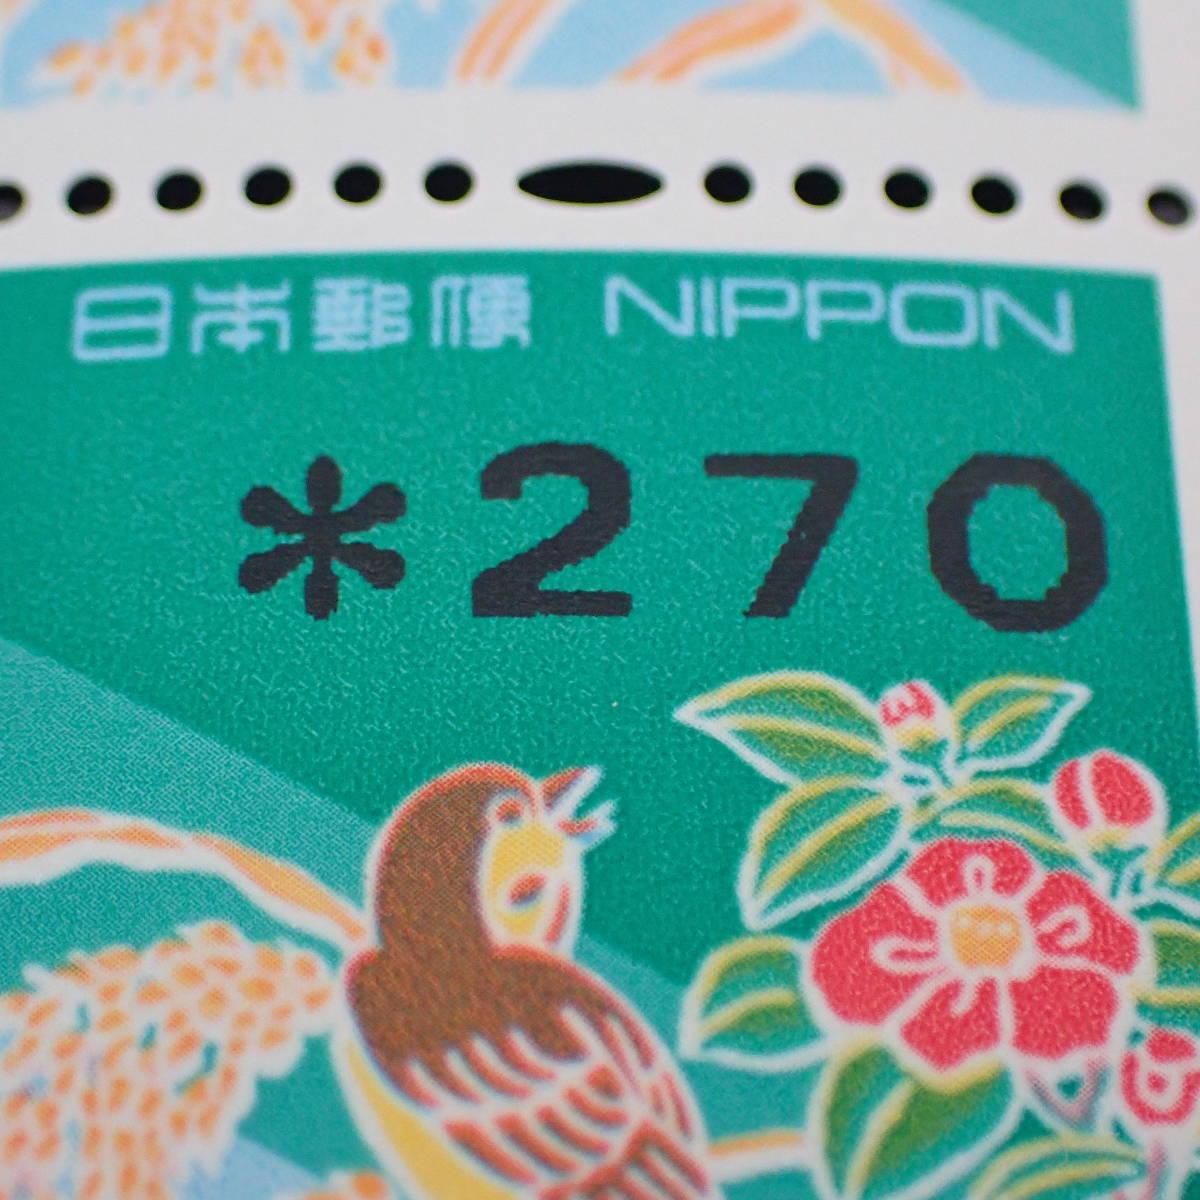 エラー切手 270円 誤印字 コイル切手 5枚連 未使用切手 _画像4